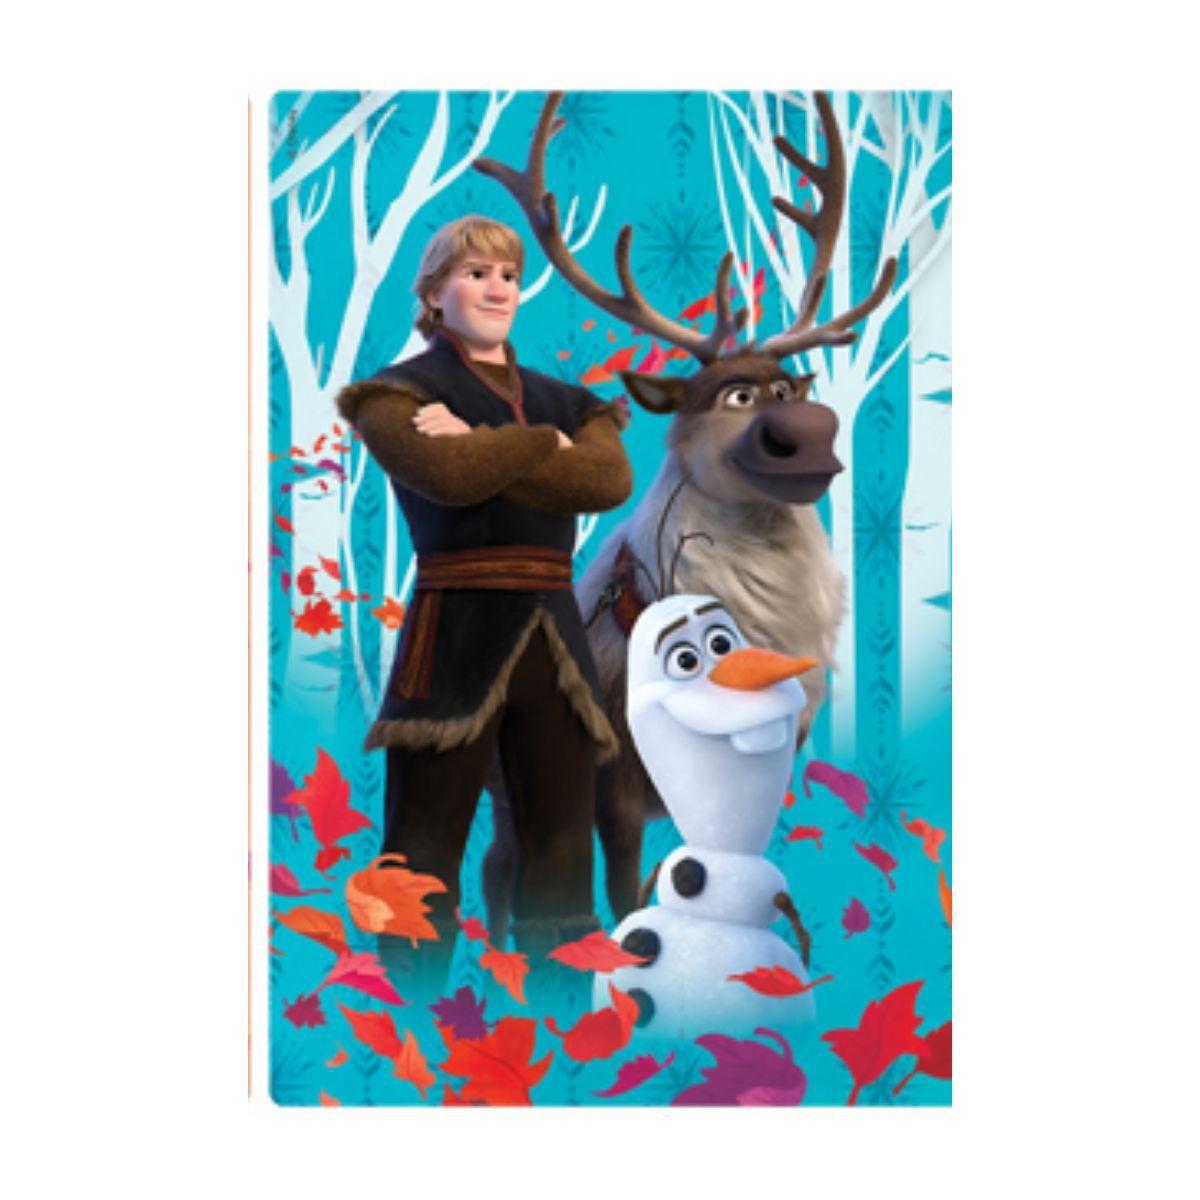 Quebra Cabeça Infantil Frozen 2  Olaf Kristoff e Sven 60 peças  - Game Land Brinquedos